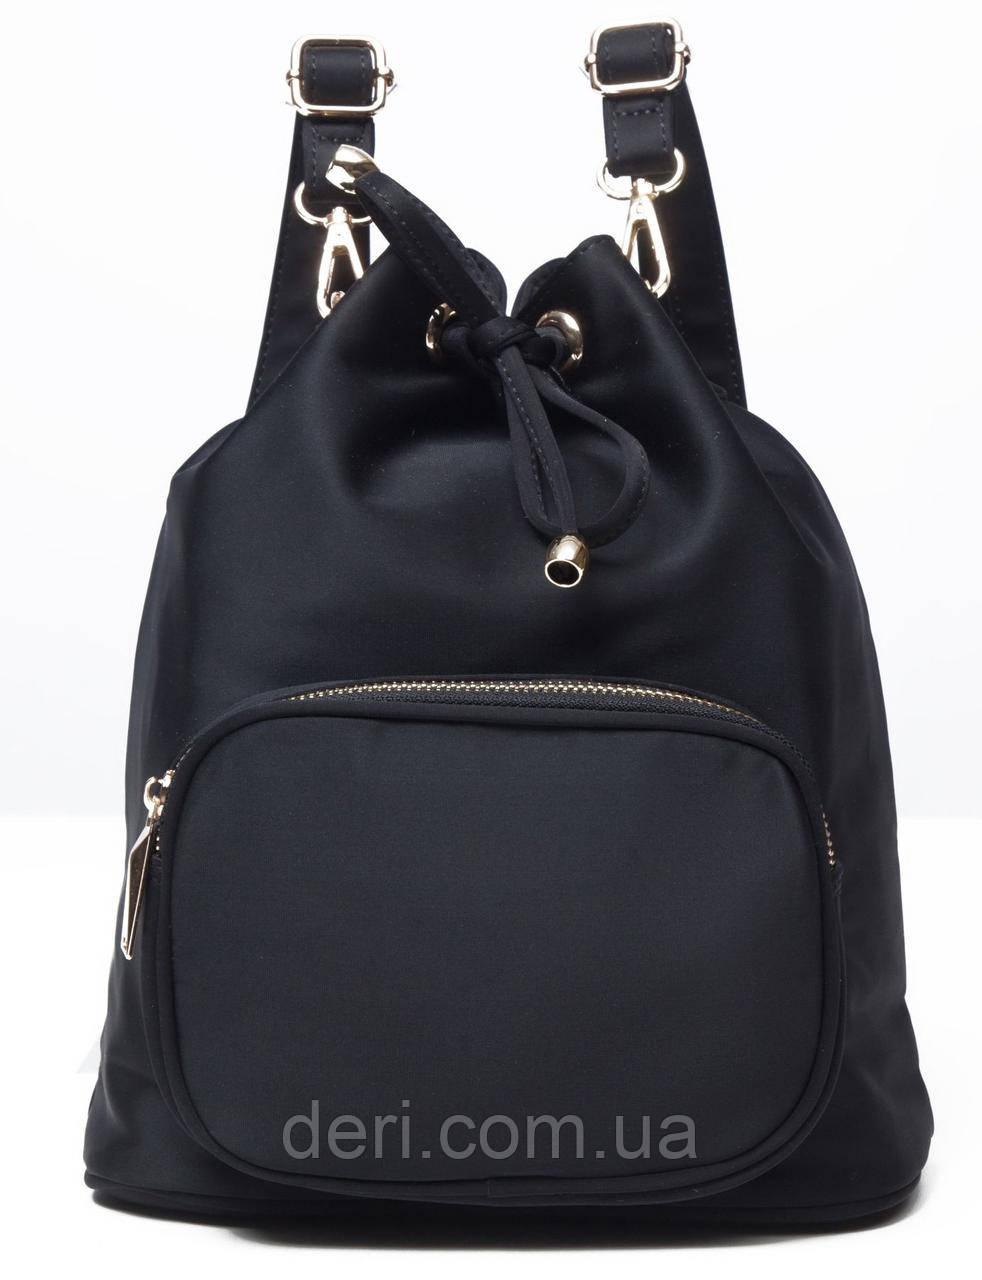 Рюкзак женский нейлоновый Vintage 14871 Черный, Черный